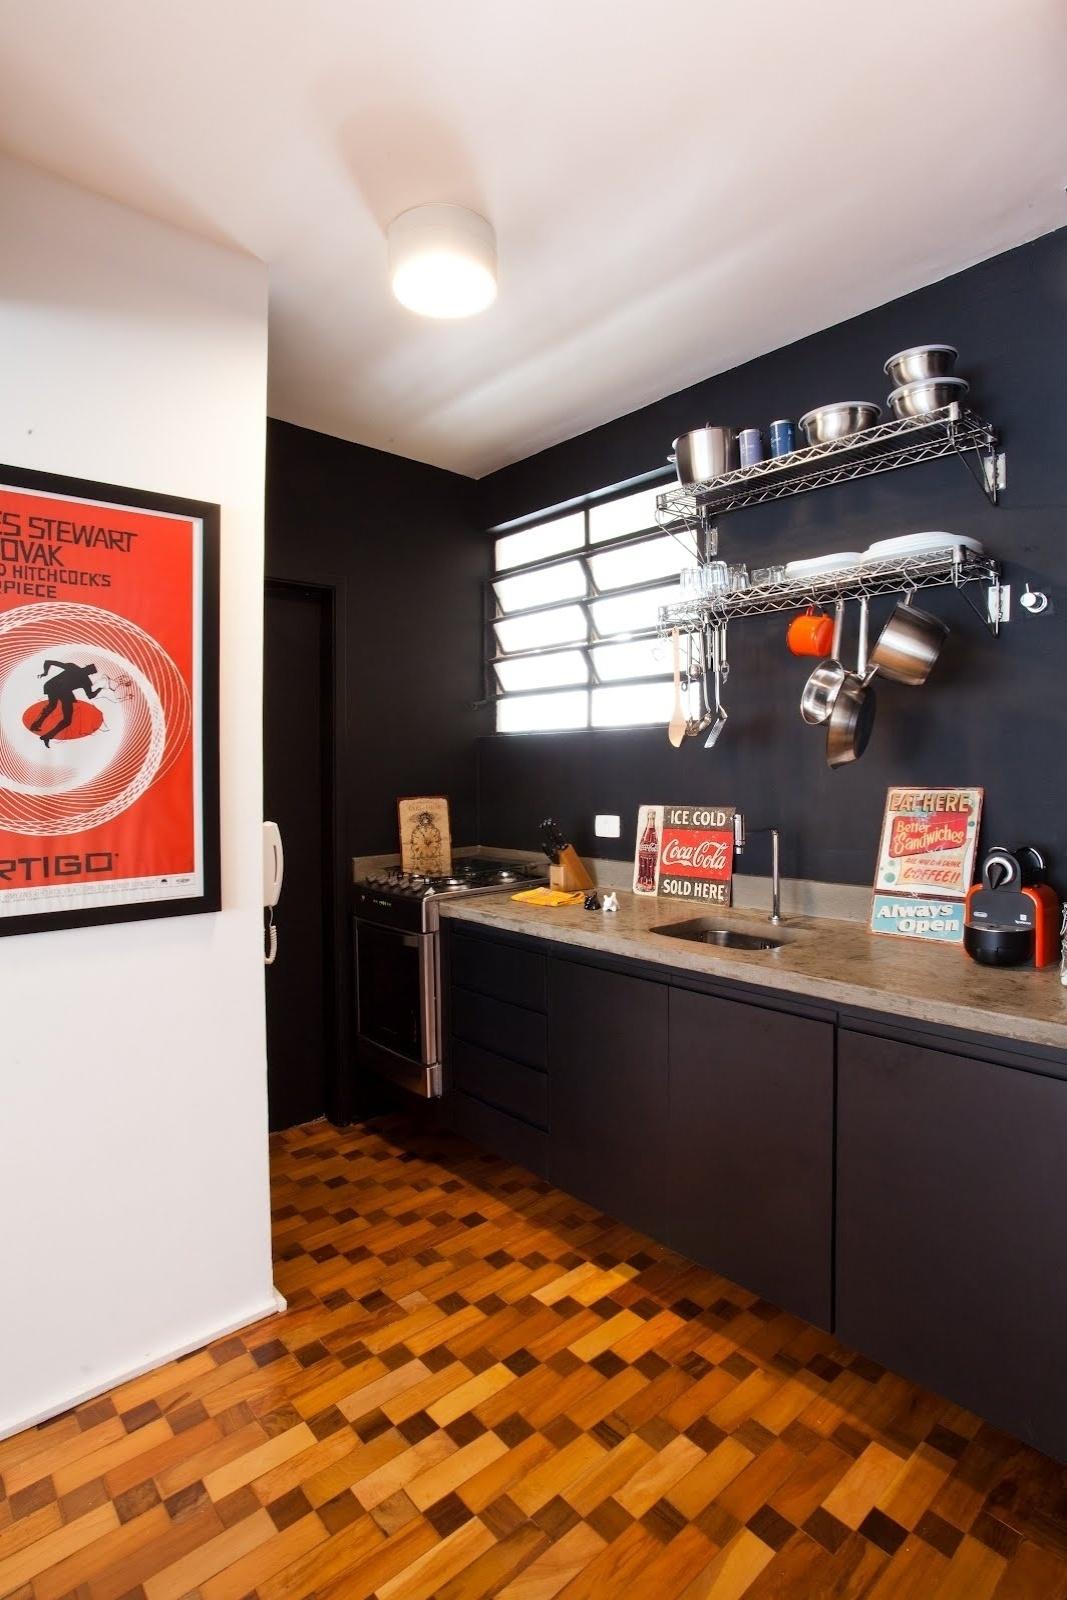 O esmalte fosco na cor preta recobre parte das paredes da cozinha do Apartamento 43, em São Paulo. A marcenaria do ambiente também recebeu tratamento escuro que, segundo o designer de interiores Marcel Steiner, garante aconchego ao espaço. Pôsteres de filmes, como o hitchcockiano